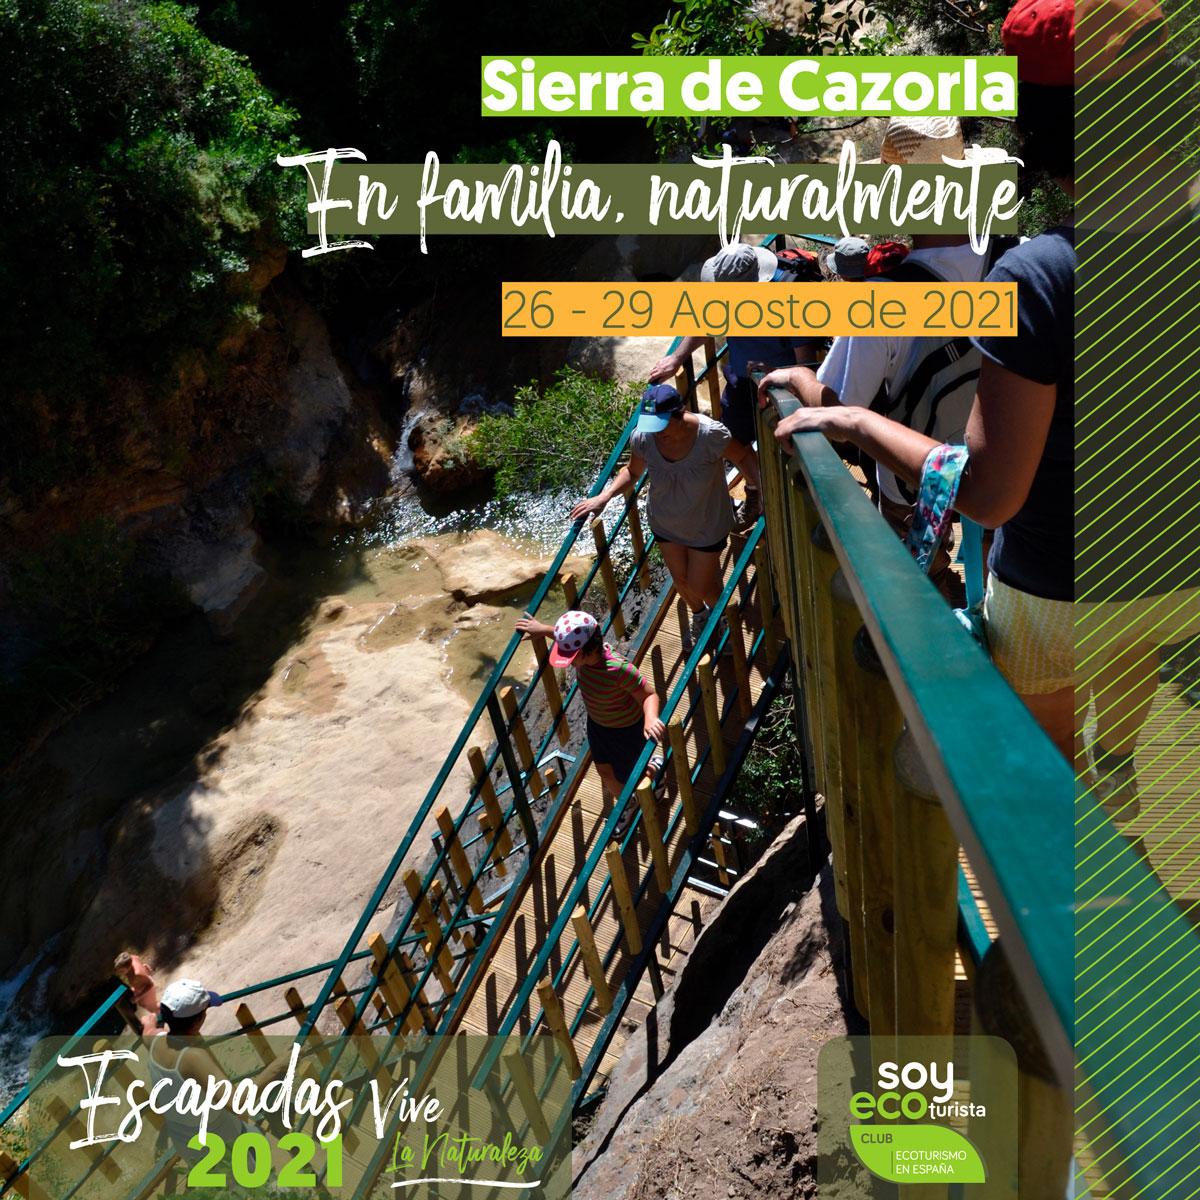 Zambúllete en la historia, paisajes y experiencias que estas escapadas de agosto están dispuestas a ofrecerte Sierra de Cazorla